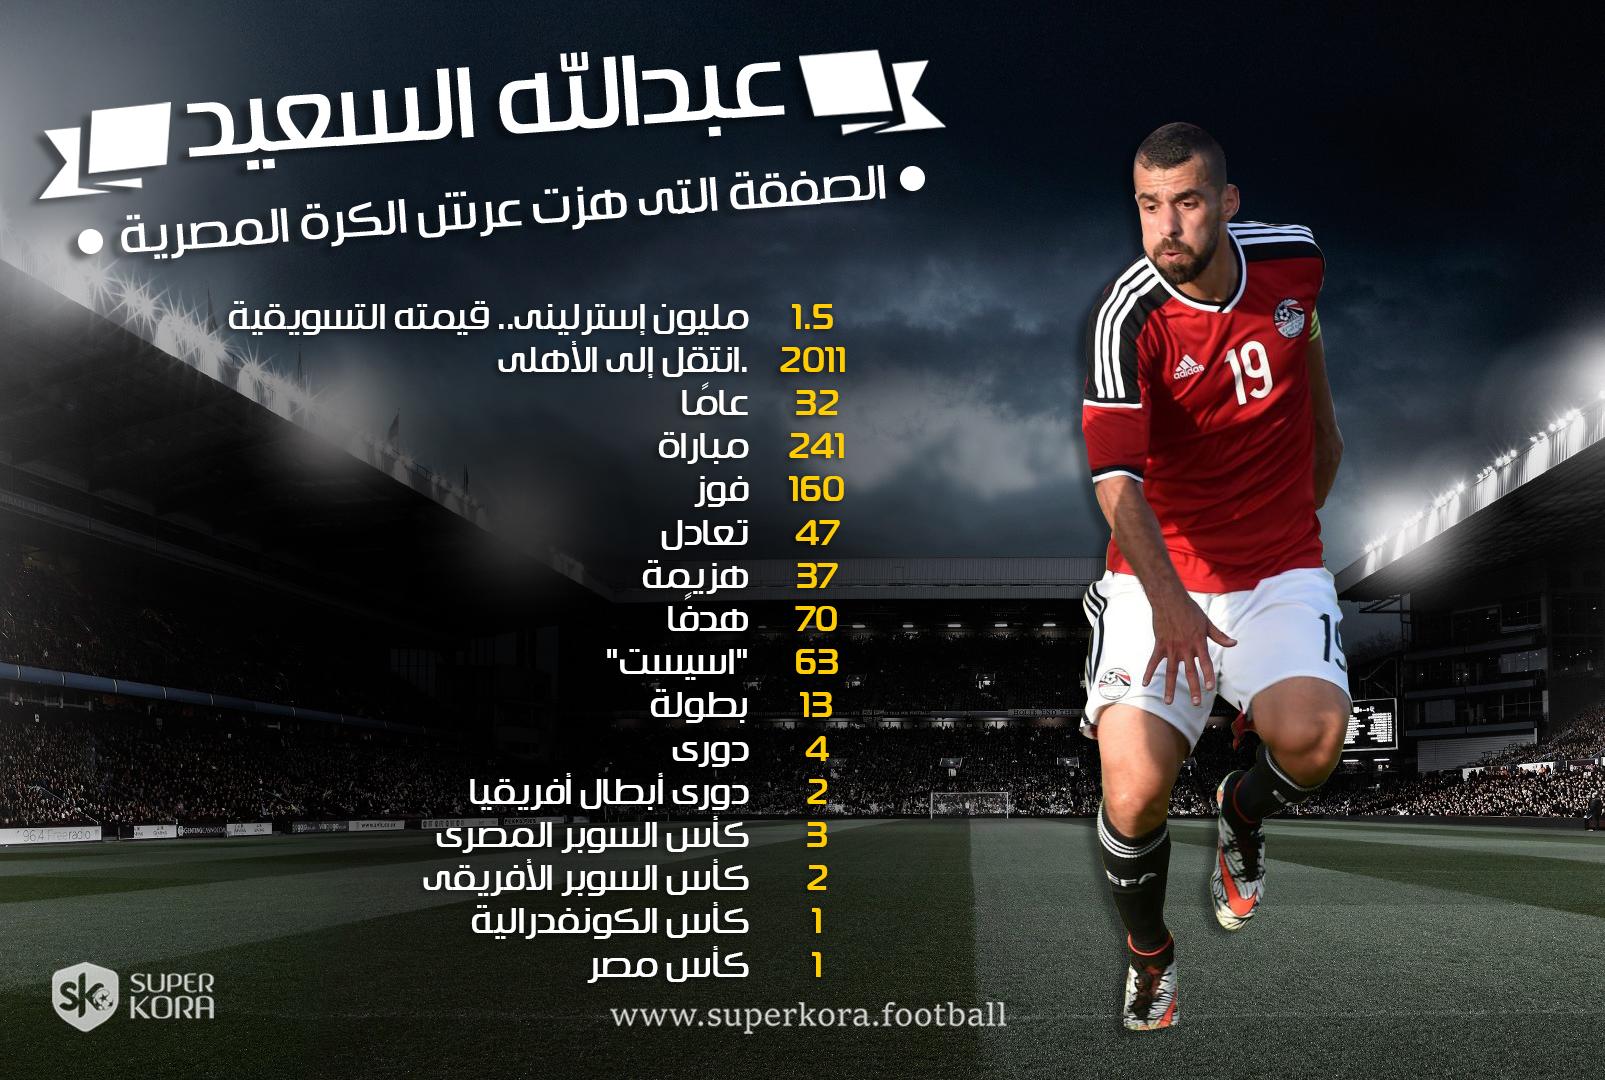 ارقام عبد الله السعيد مع الأهلى